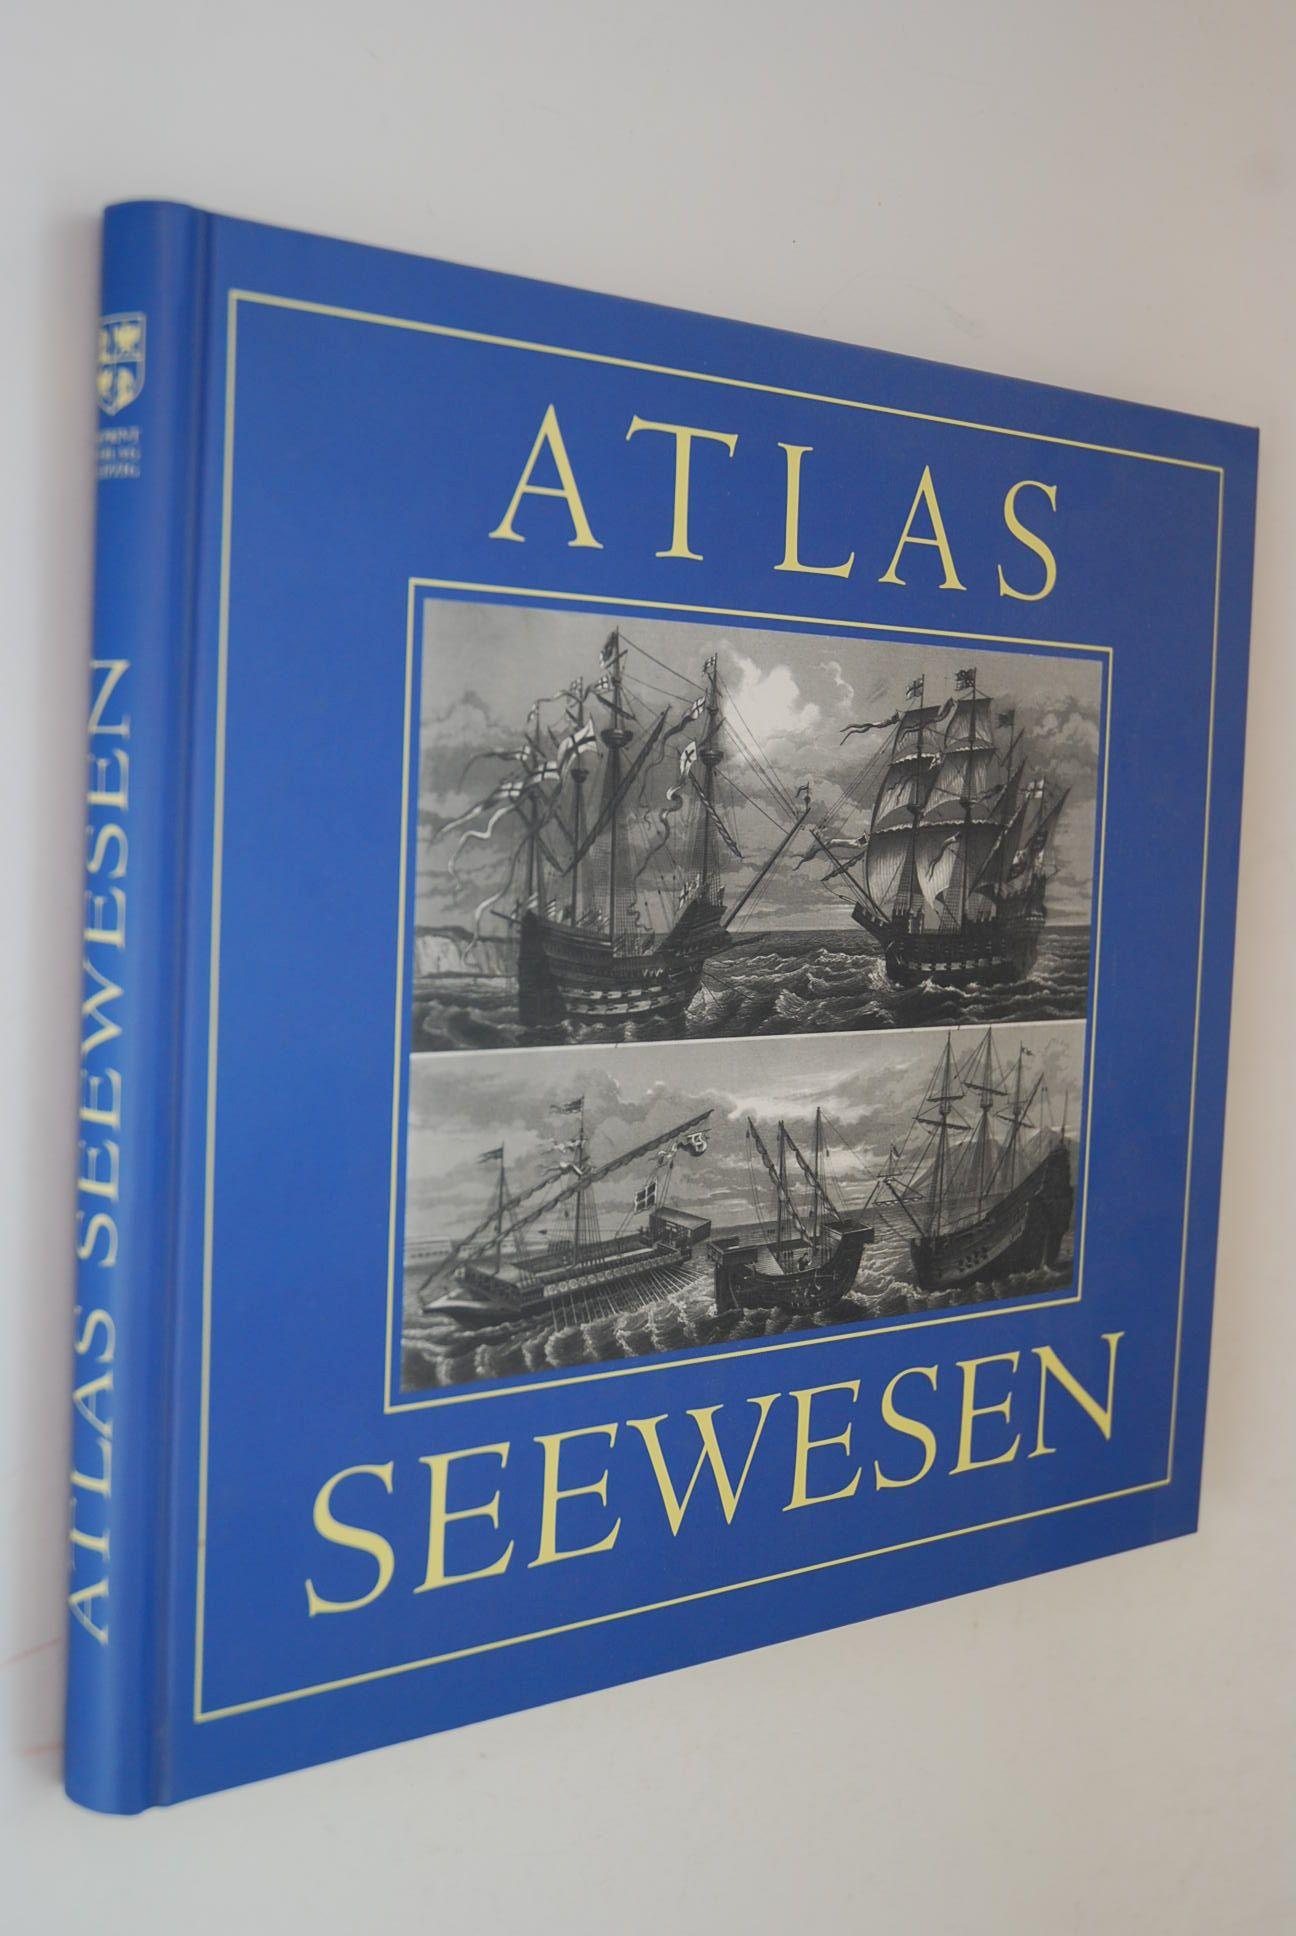 Atlas des Seewesens. von Reinhold Werner: Werner, Reinhold von: